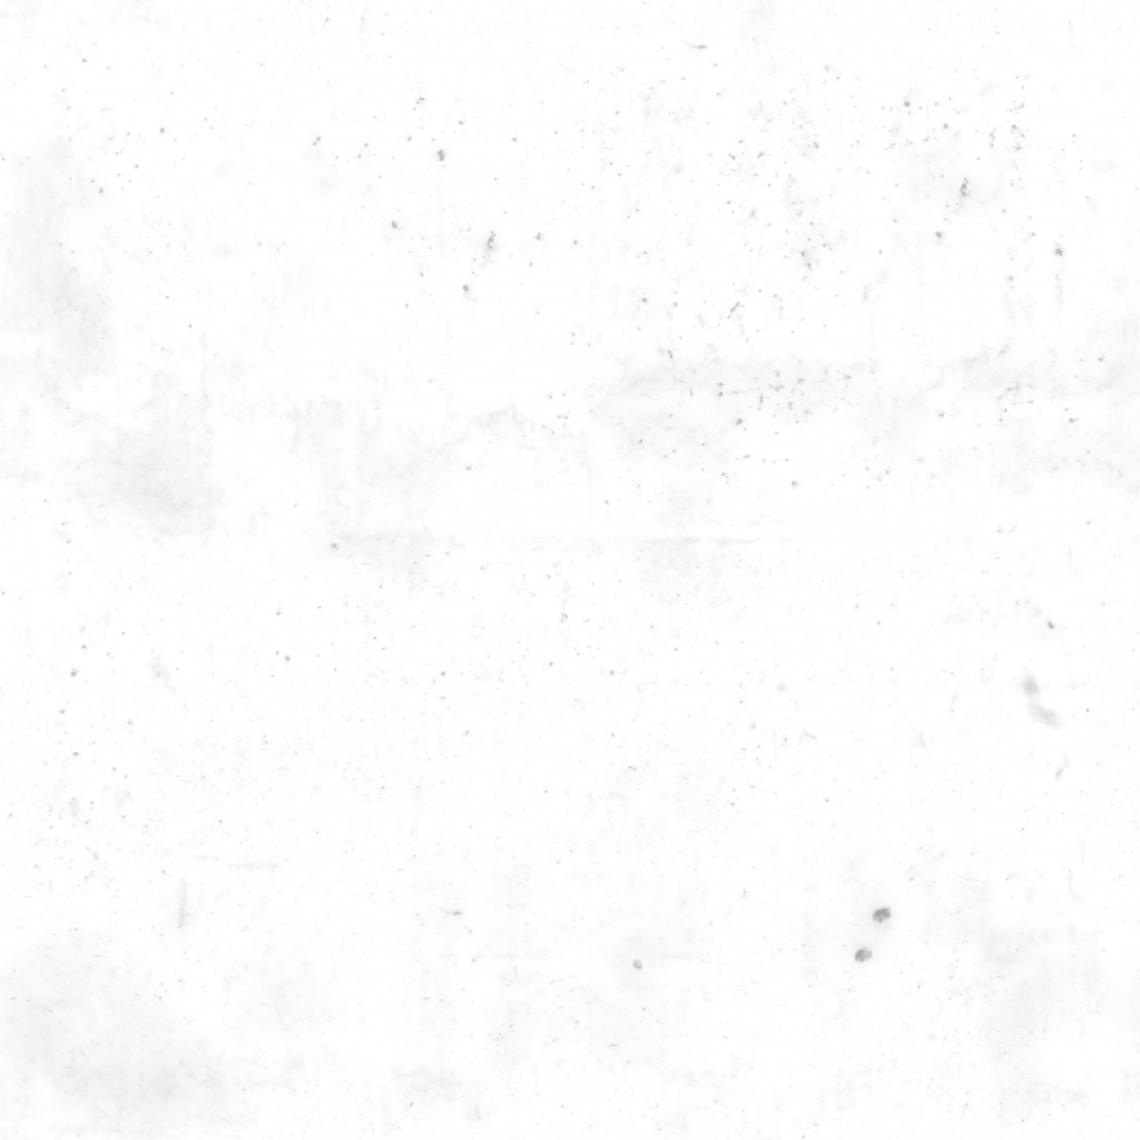 Concrete-Plain-07-Ambient-Occlusion